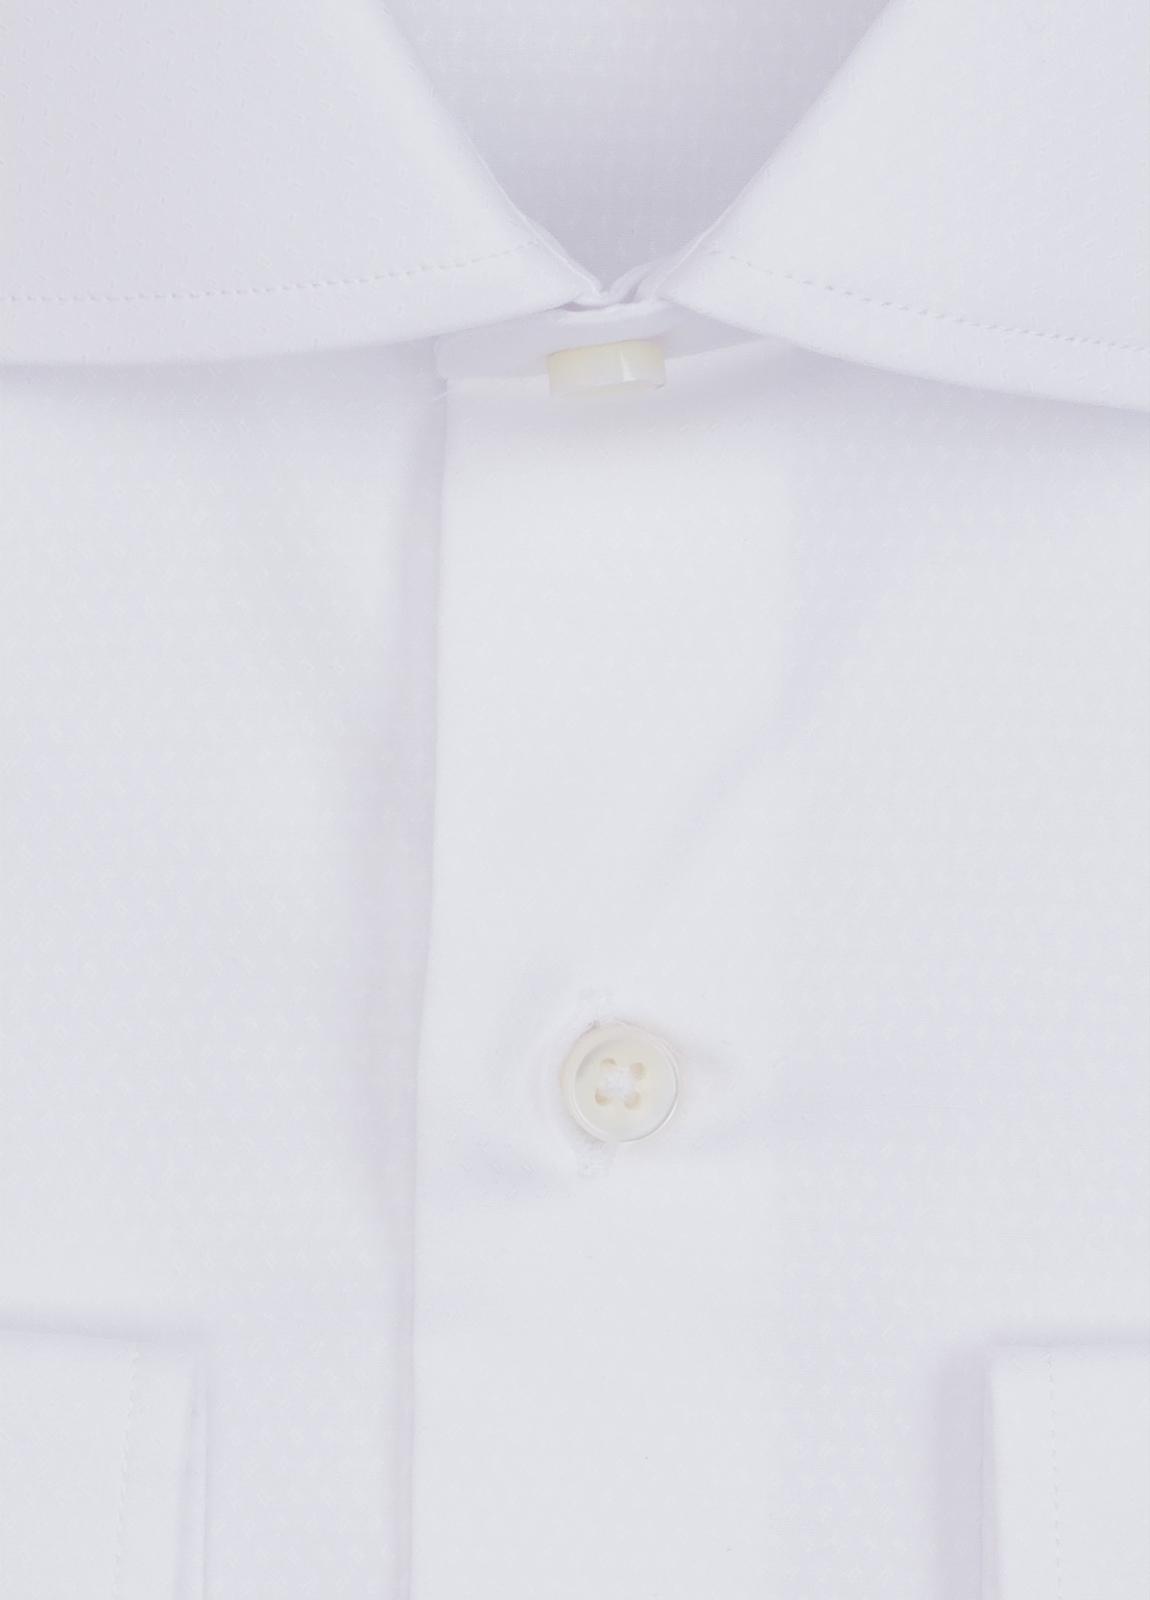 Camisa Formal Wear REGULAR FIT cuello italiano modelo TAILORED NAPOLI micrograbado color blanco. 100% Algodón. - Ítem1